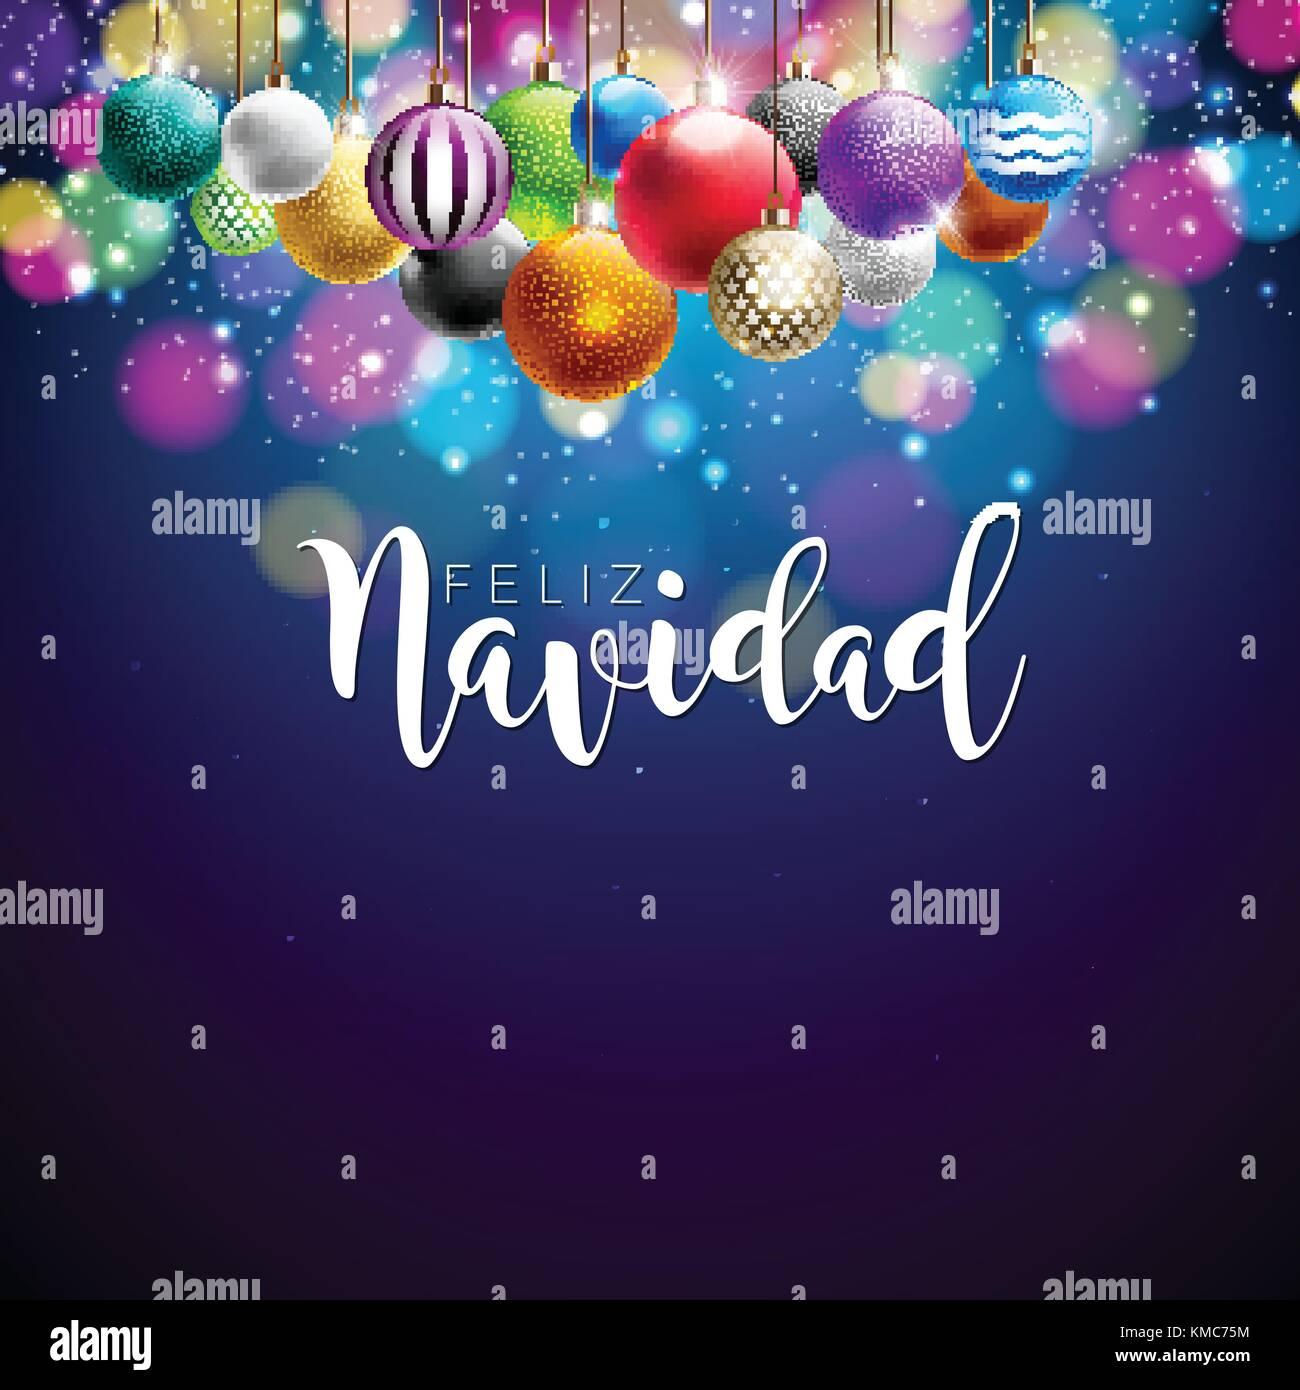 Ilustración de navidad con el español feliz navidad tipografía y coloridas bolas ornamentales sobre Imagen De Stock